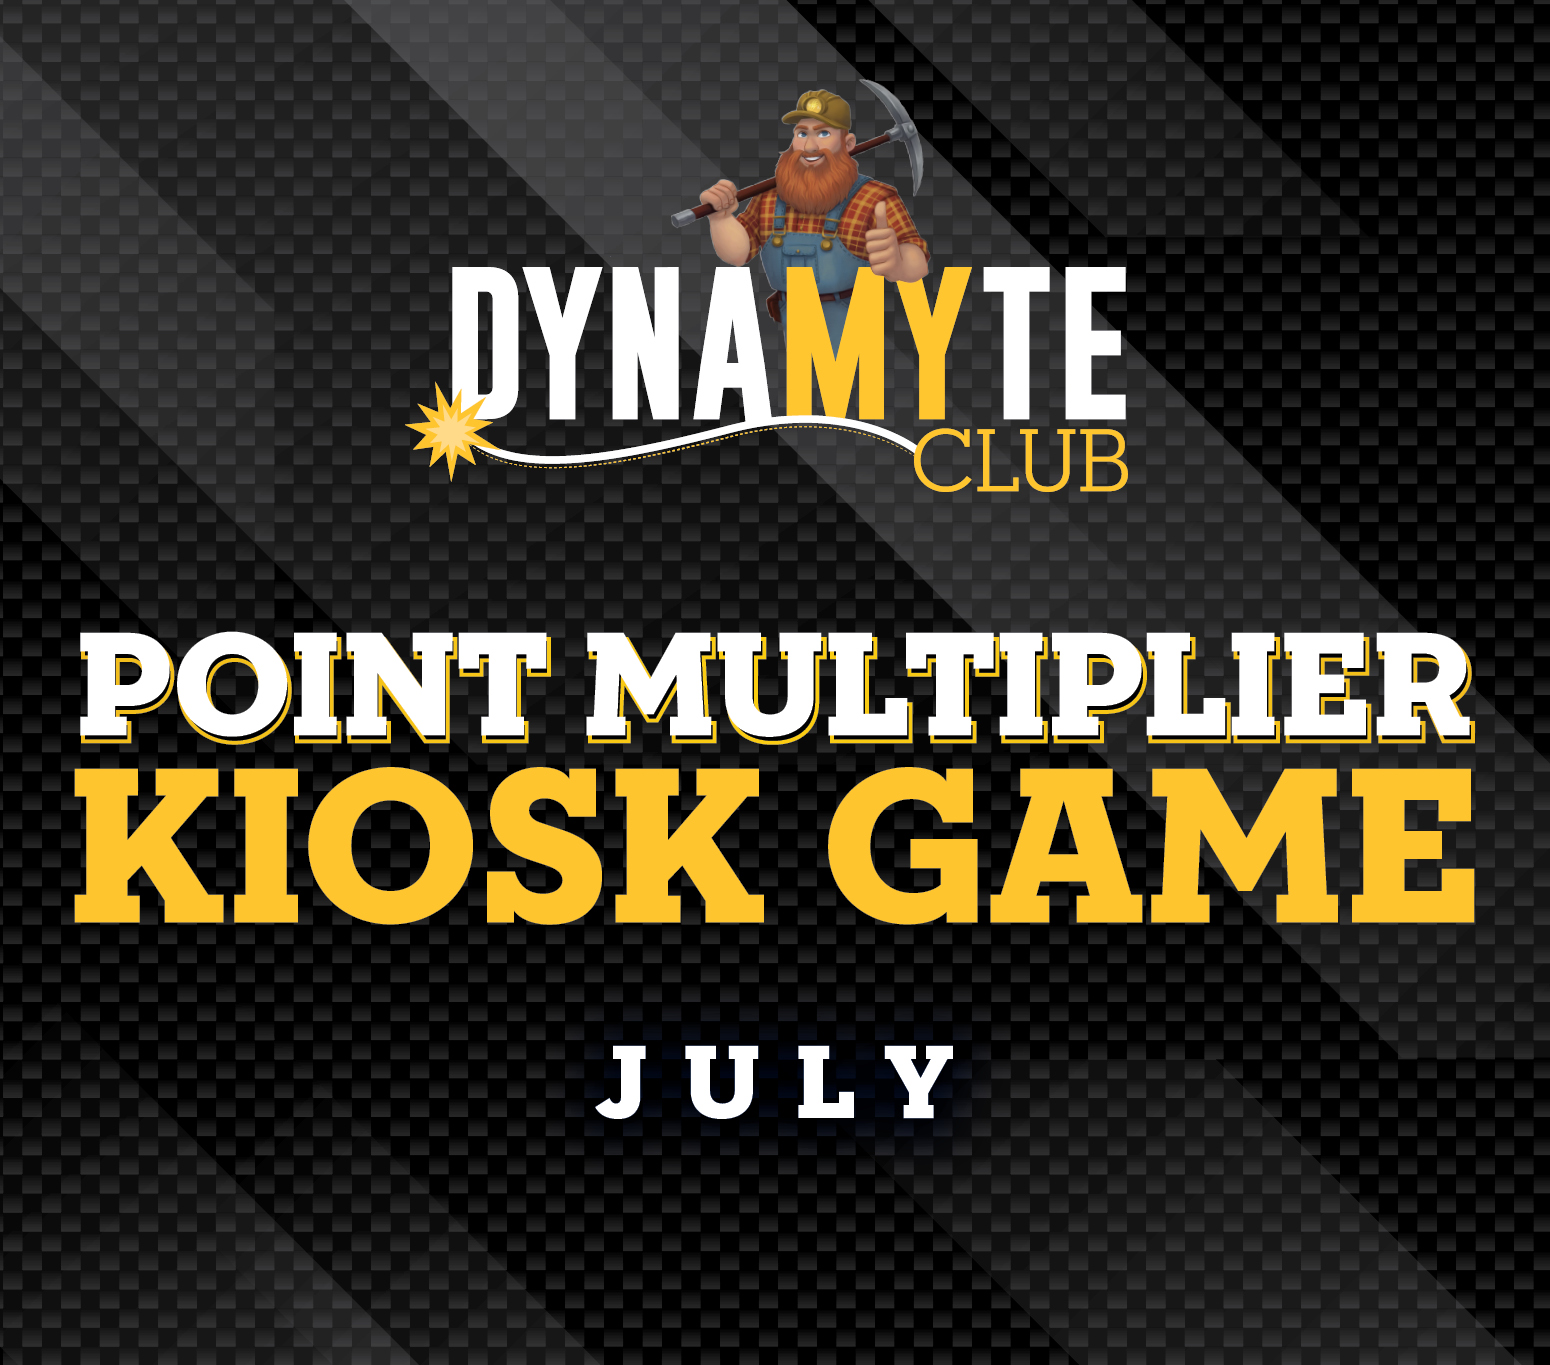 DynaMYte Point Multiplier Kiosk Game July